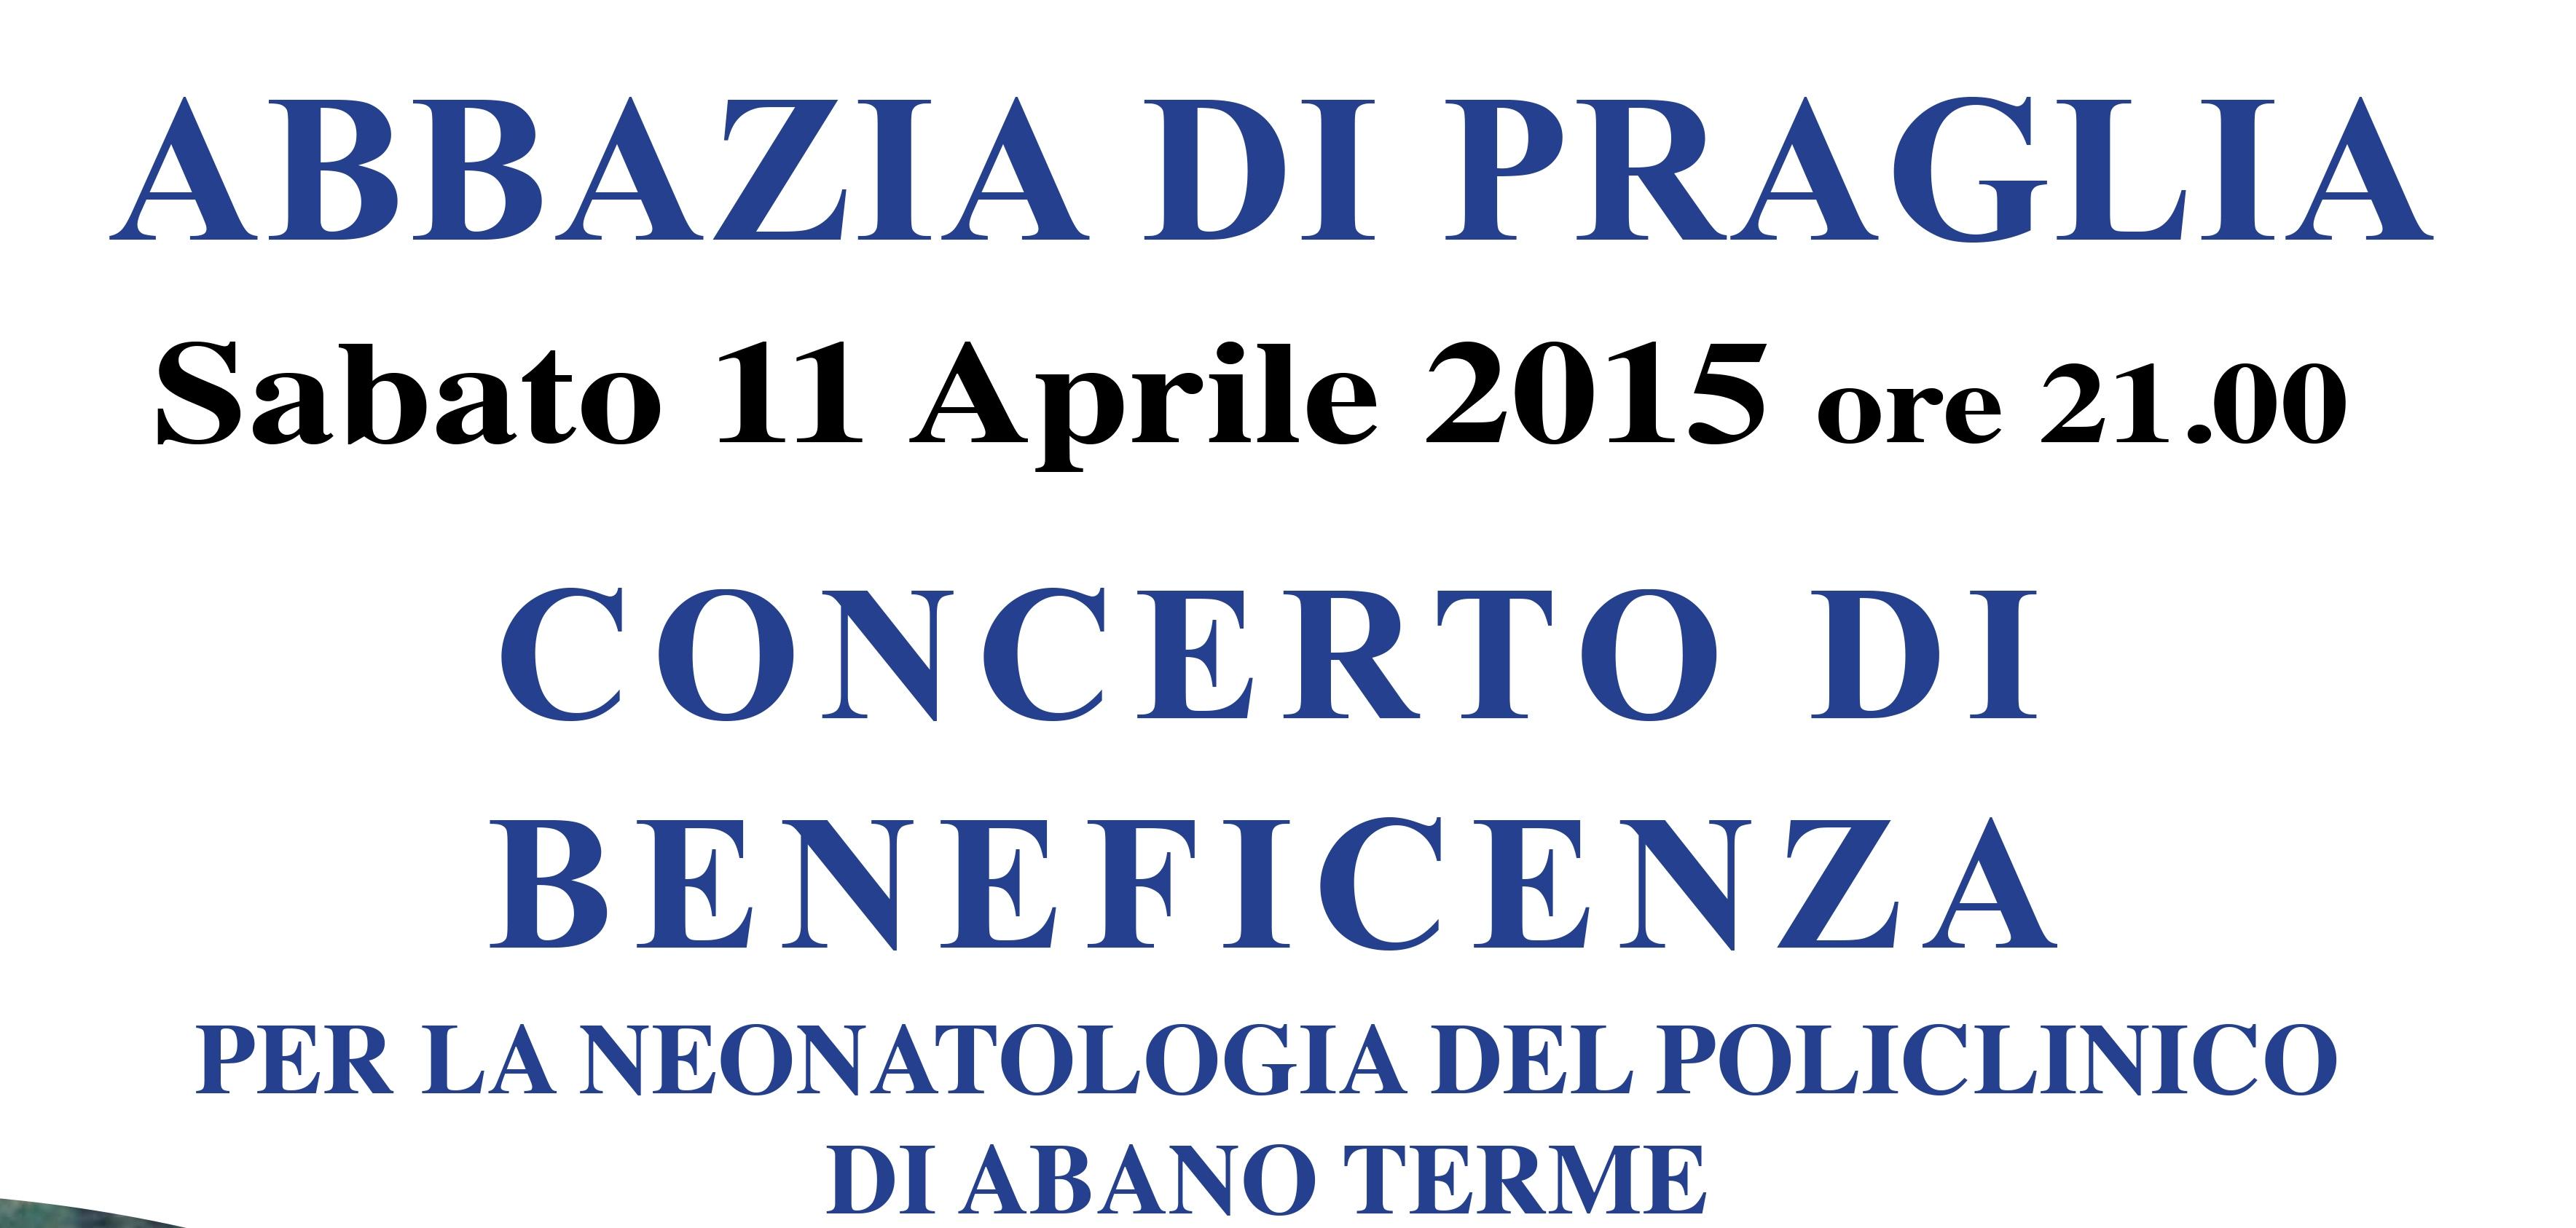 ABANO TERME EUGANEE: concerto a favore della Neonatologia del Policlinico di Abano